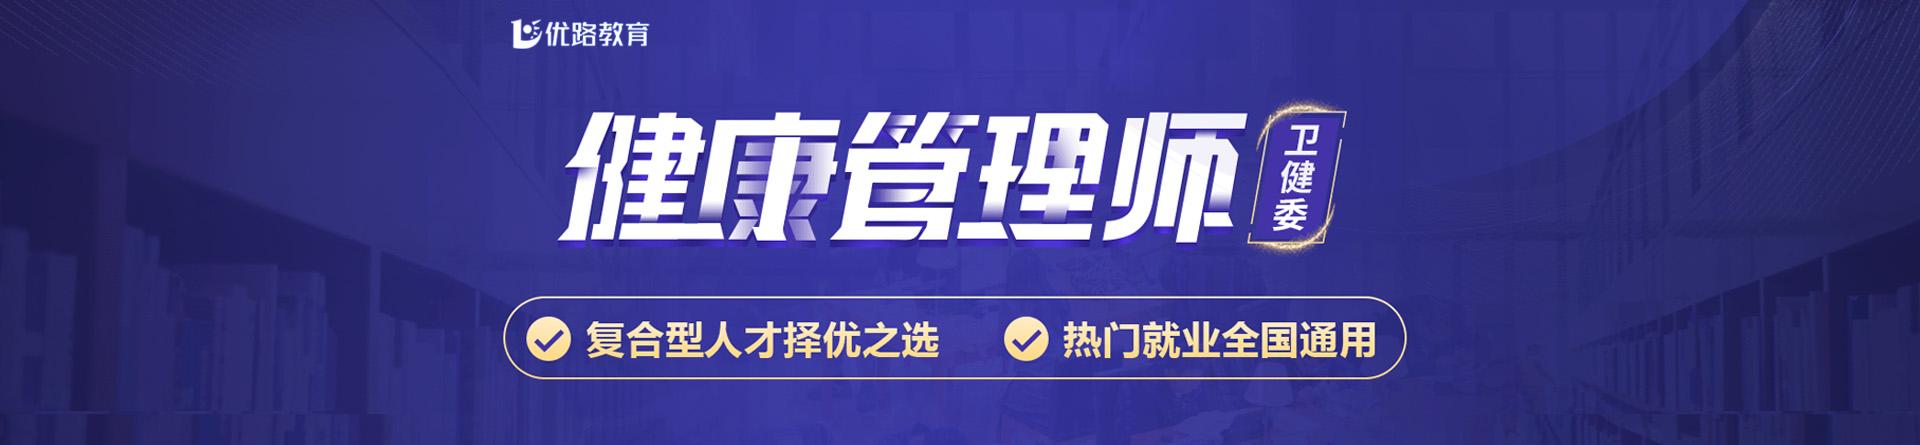 云南丽江优路教育培训学校